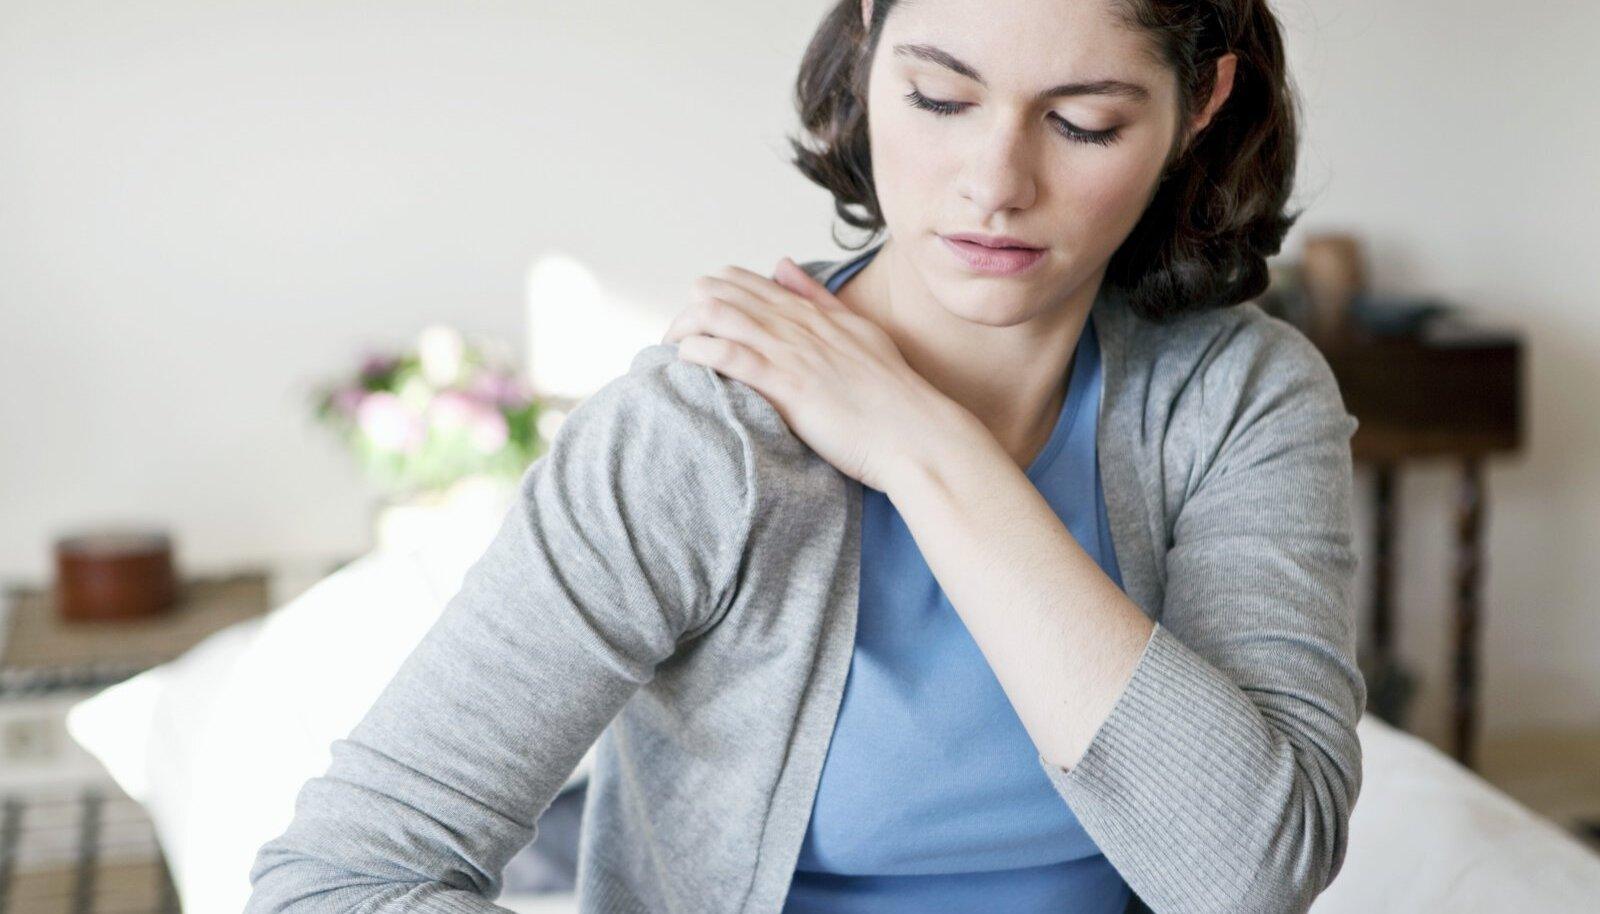 valus ola liigese ei saa teie katt tosta olaliigese valu kui kasi manustatakse tagasi